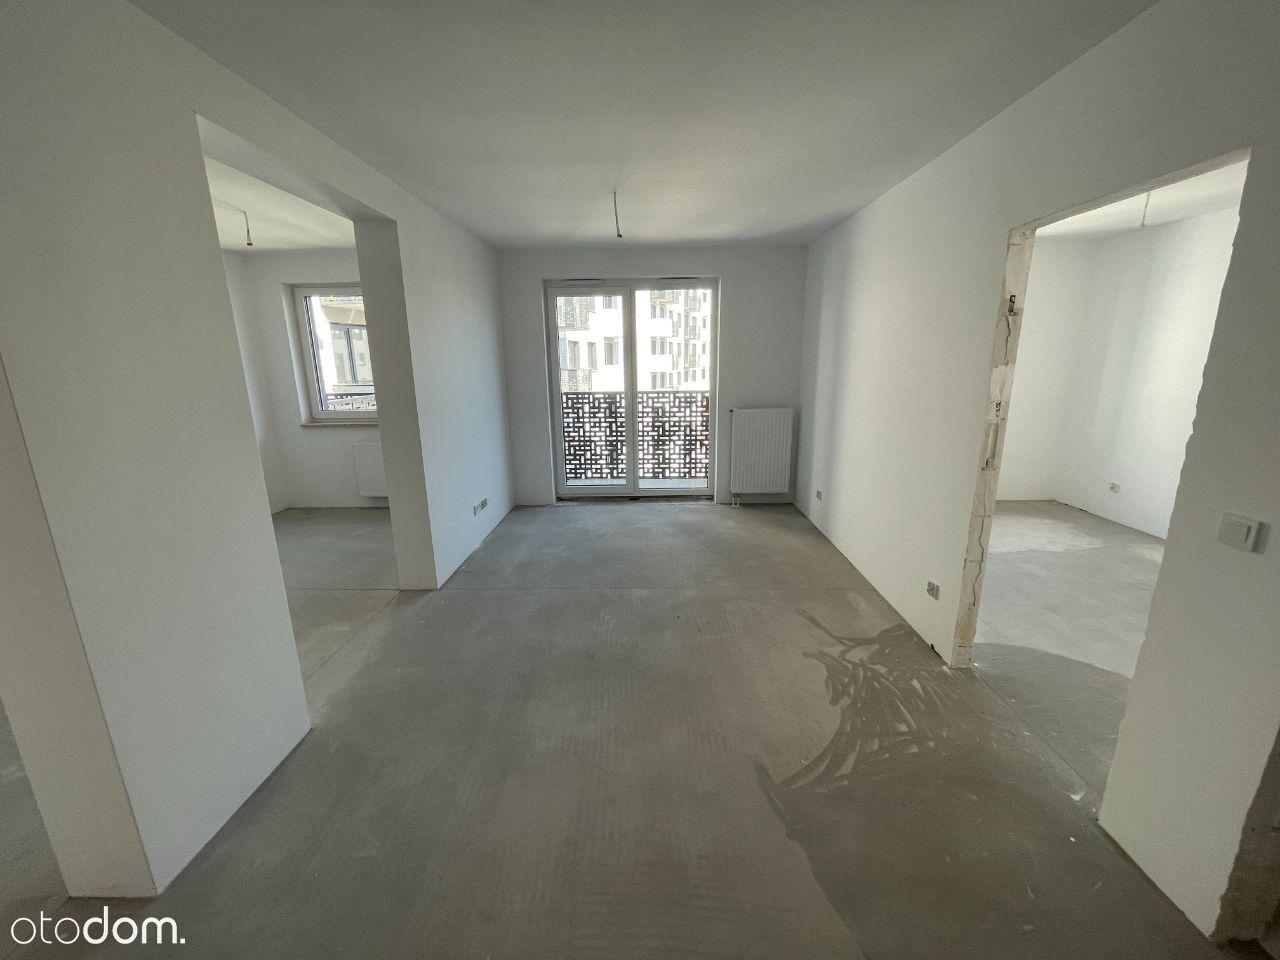 Nowe mieszkanie, Kamienna 145 - 2pok, 47m2, gotowe